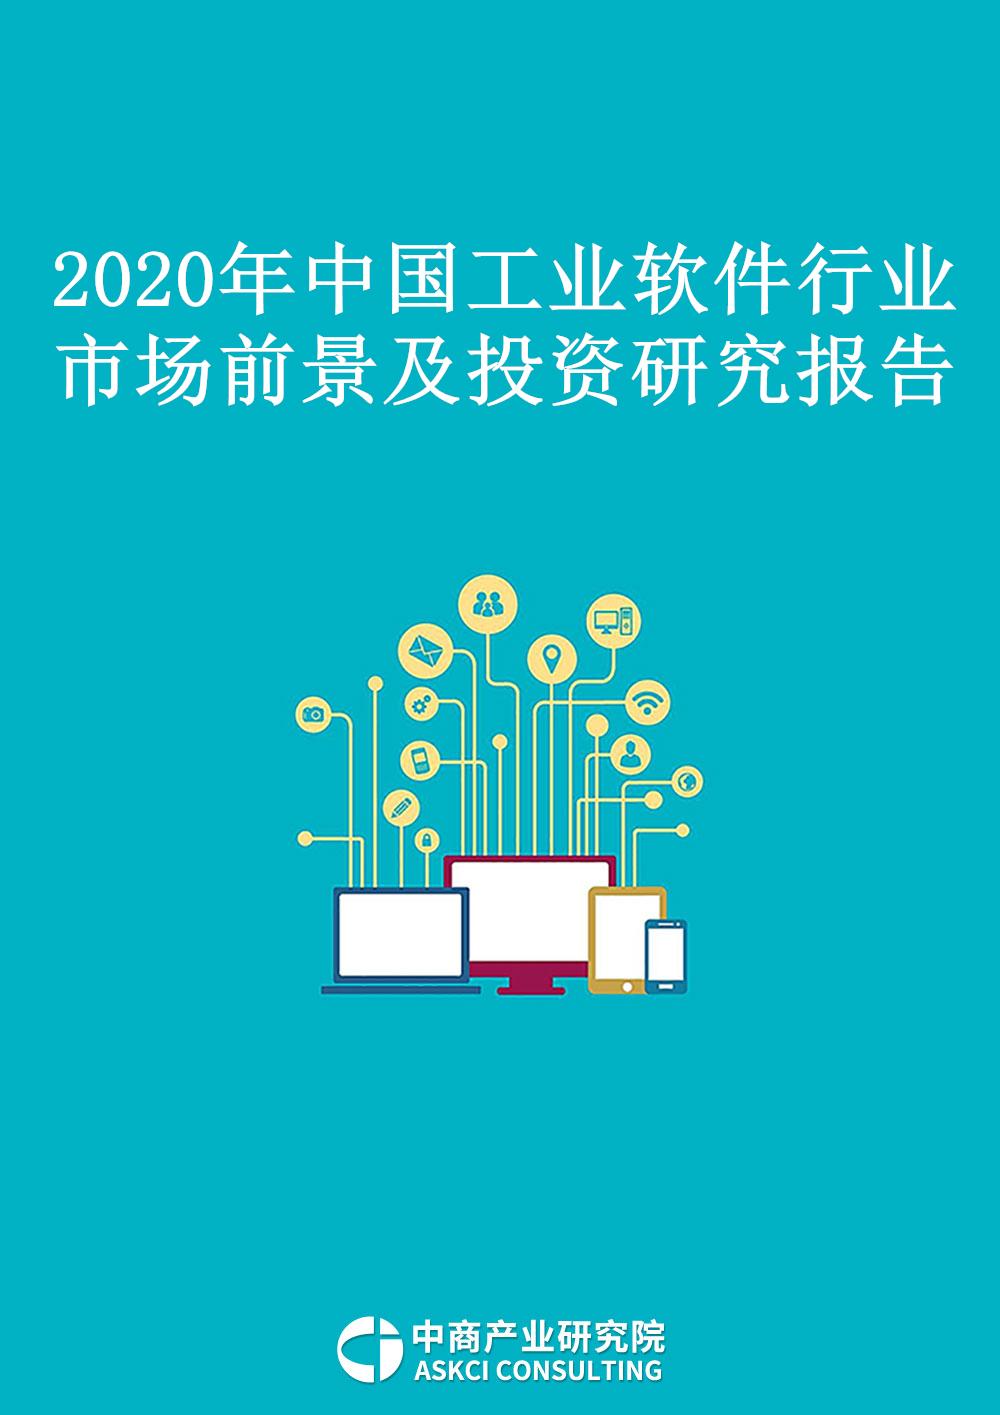 2020年中國工業軟件行業市場前景及投資研究報告